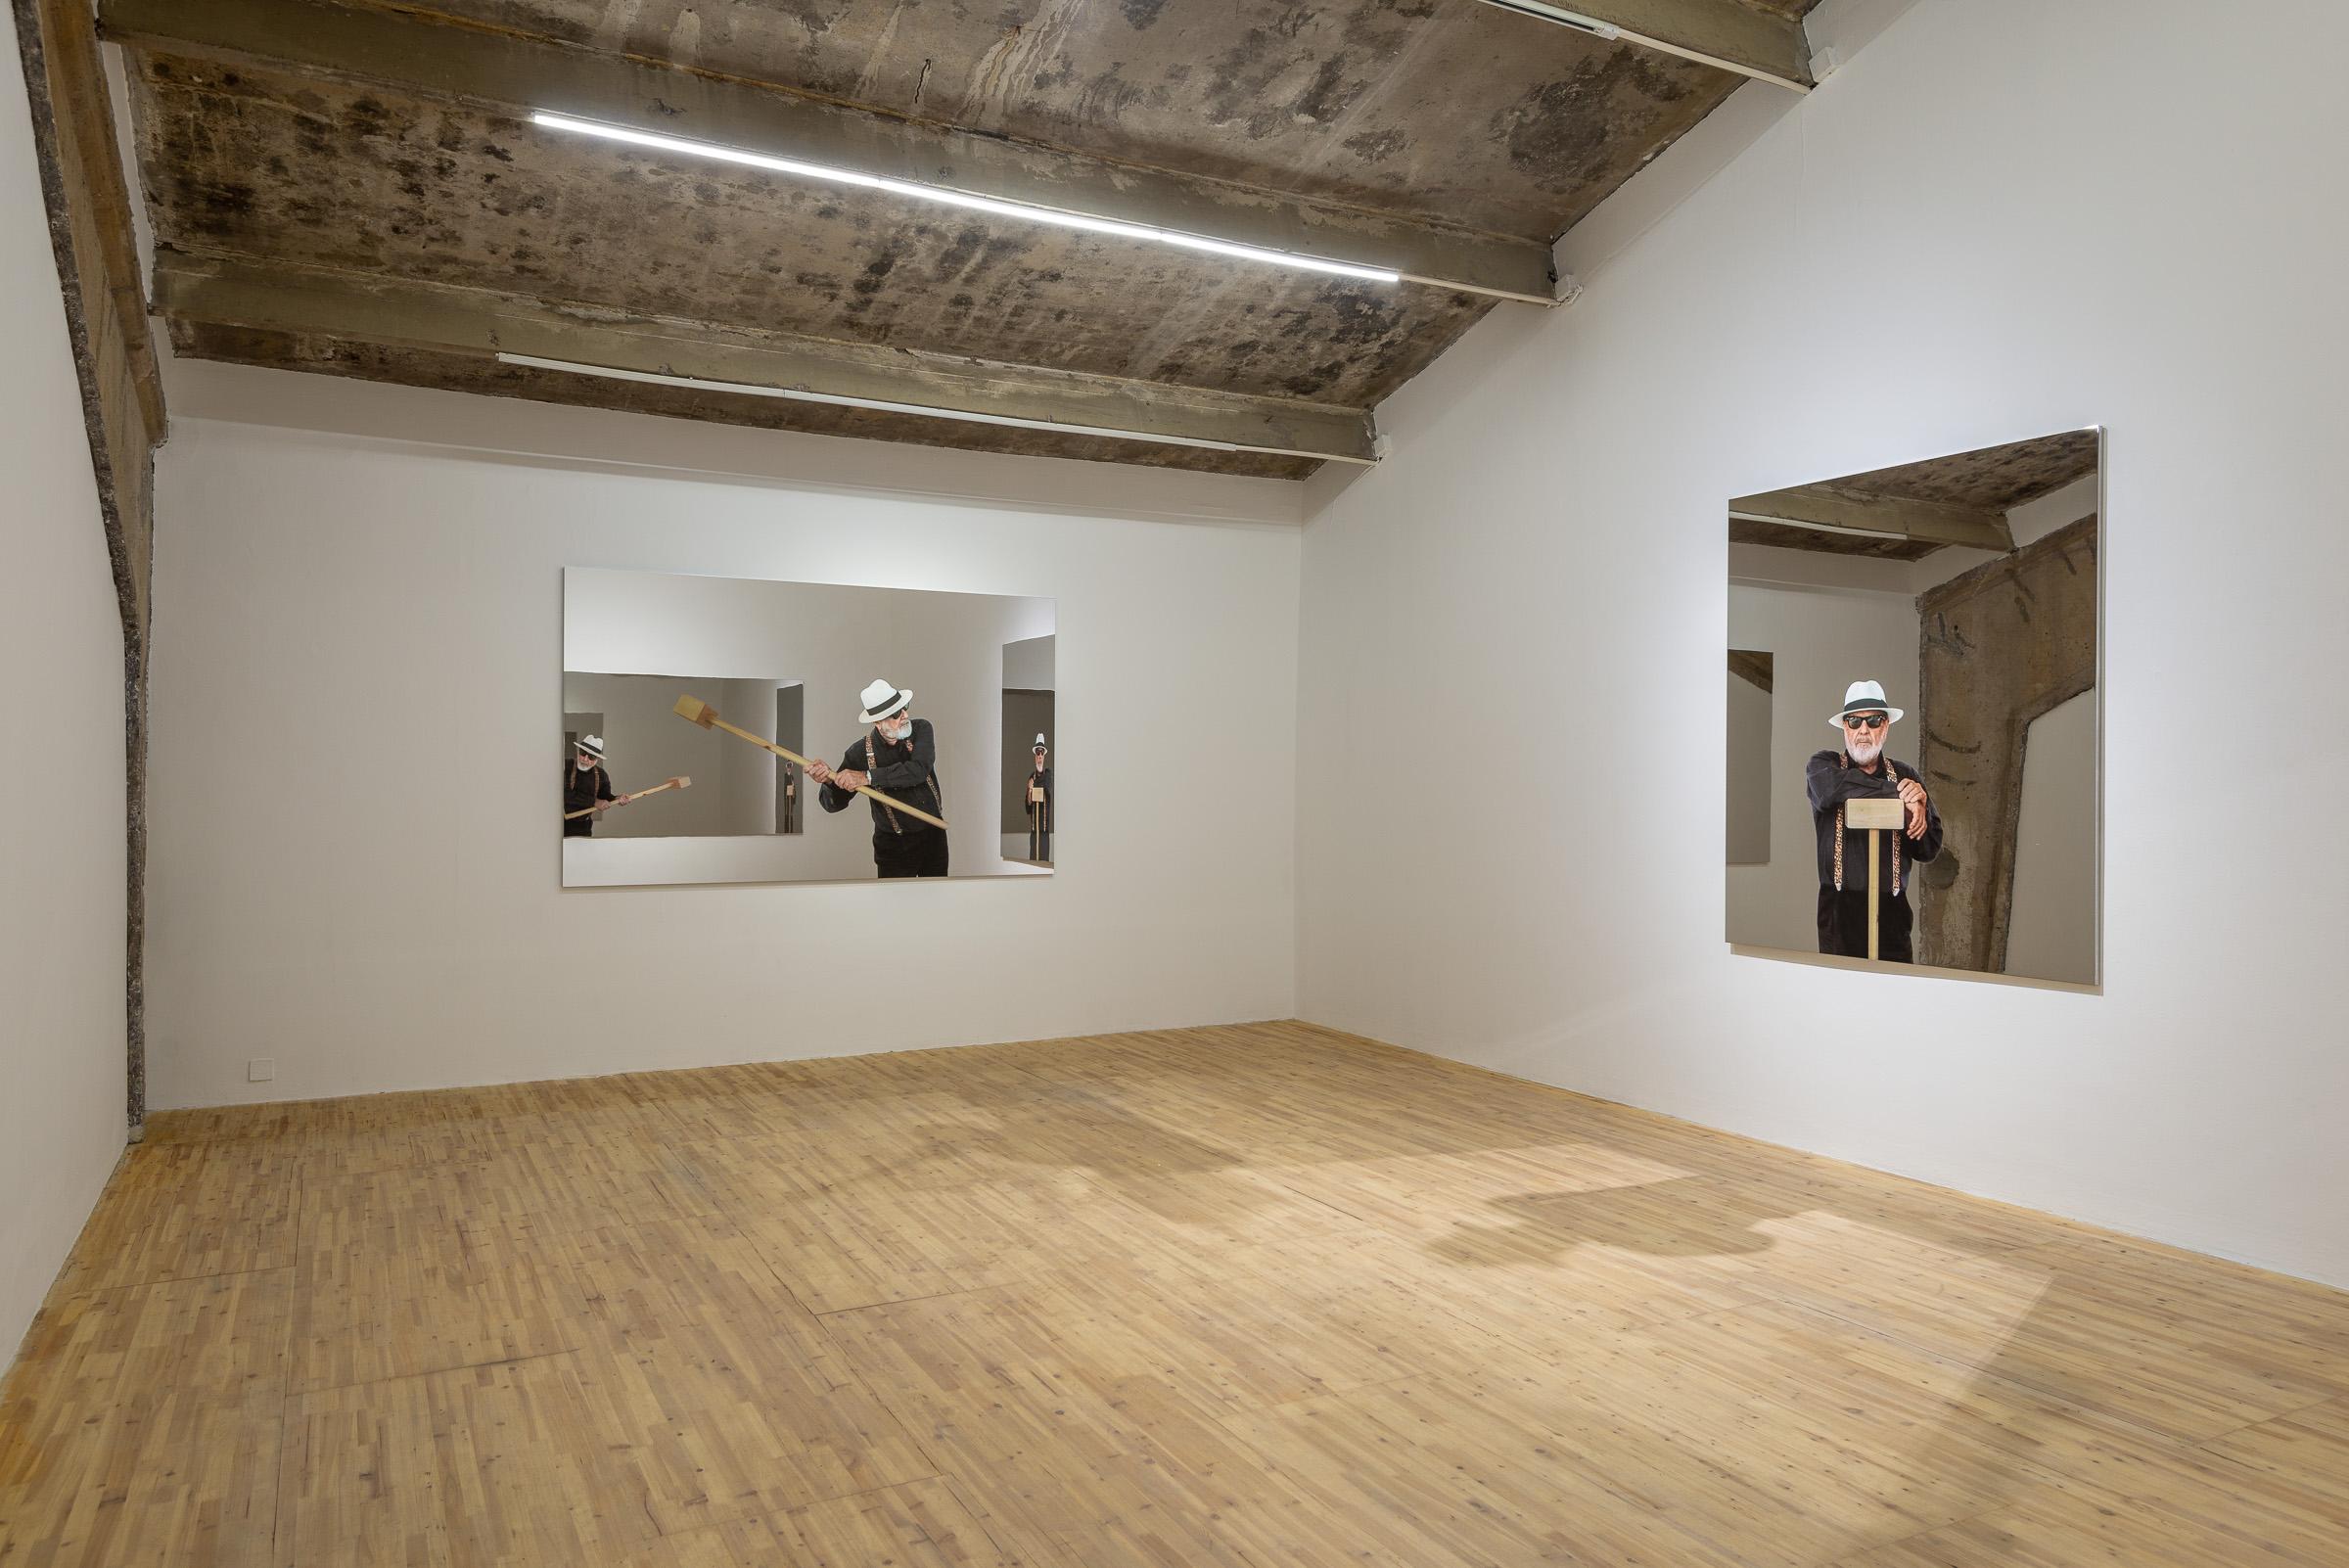 Michelangelo pistoletto oltre lo specchio at galleria continua xibt contemporary art mag - Oltre lo specchio ...